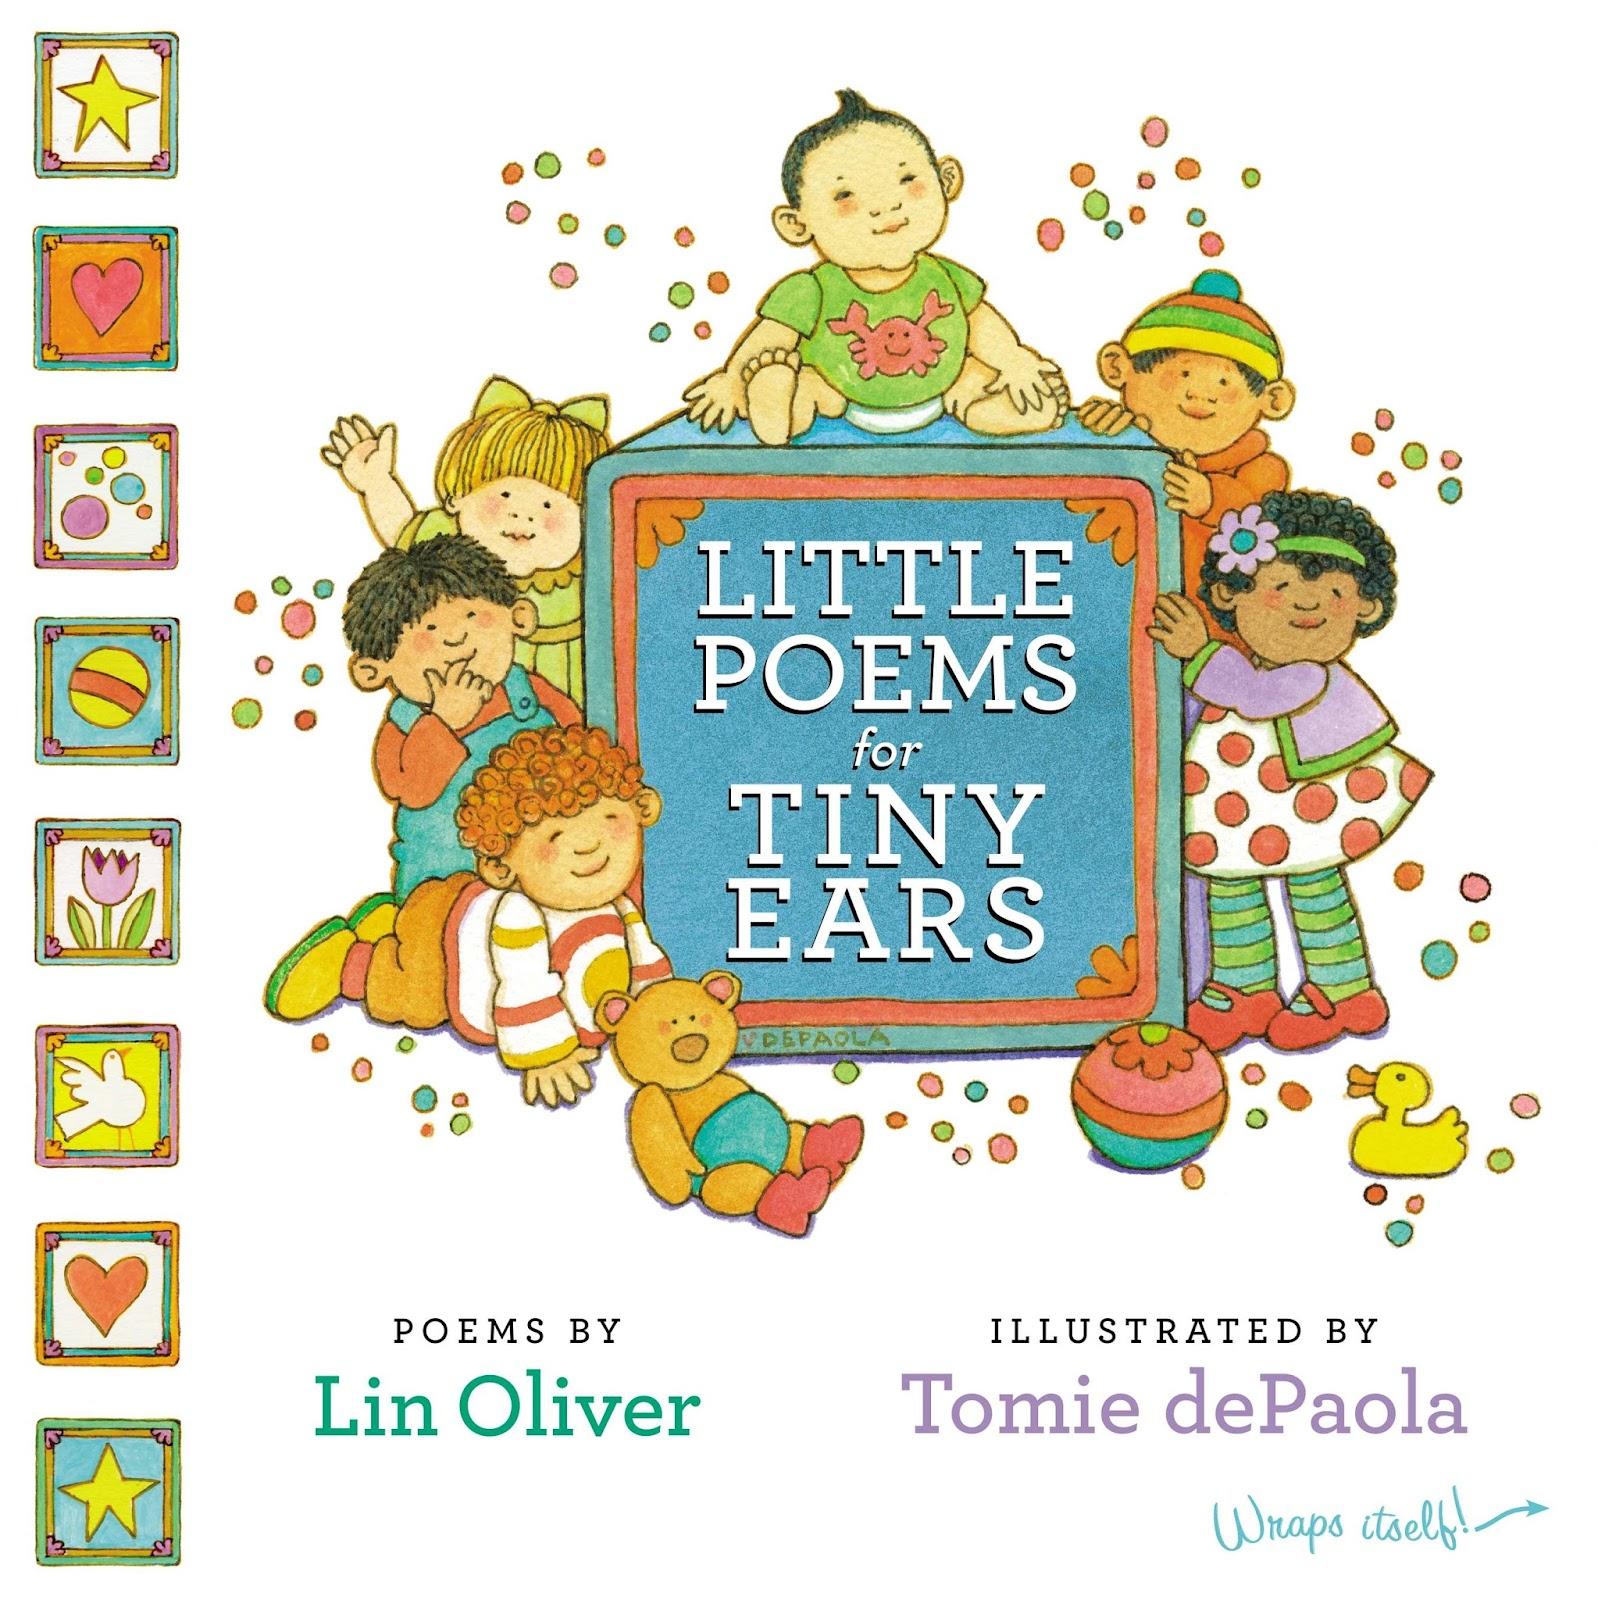 9780399166051_Little_Poems_for_Tiny_Ears.jpg